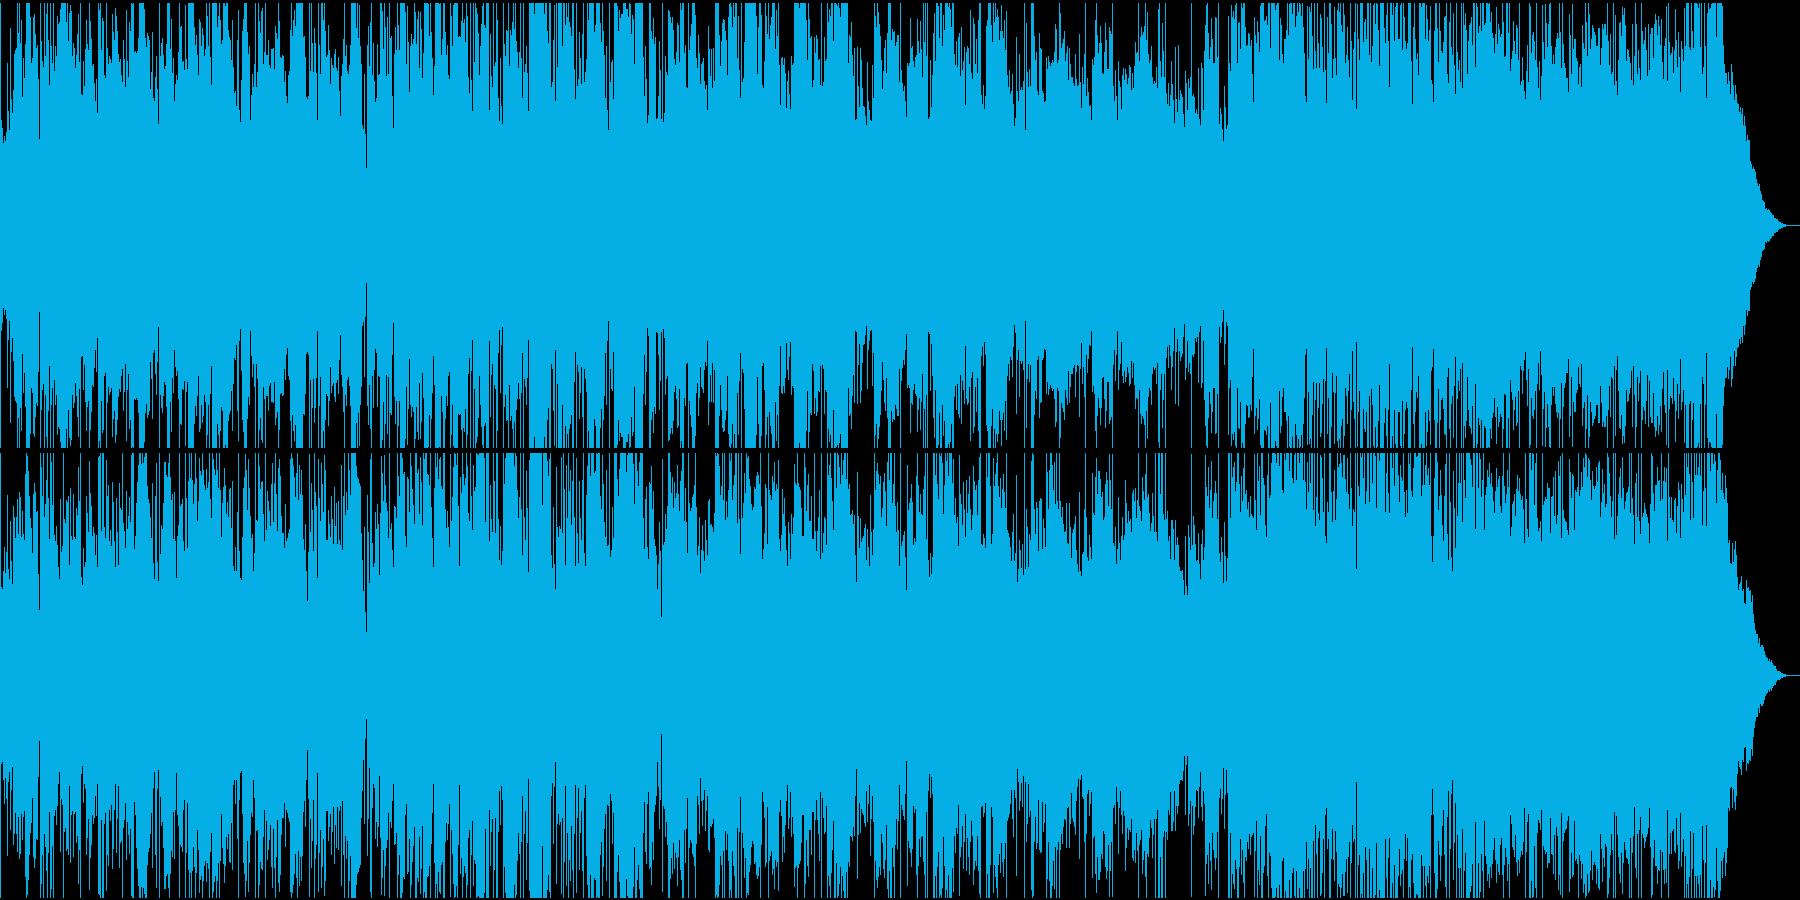 ハーモニカとペダルスティールのバラードの再生済みの波形